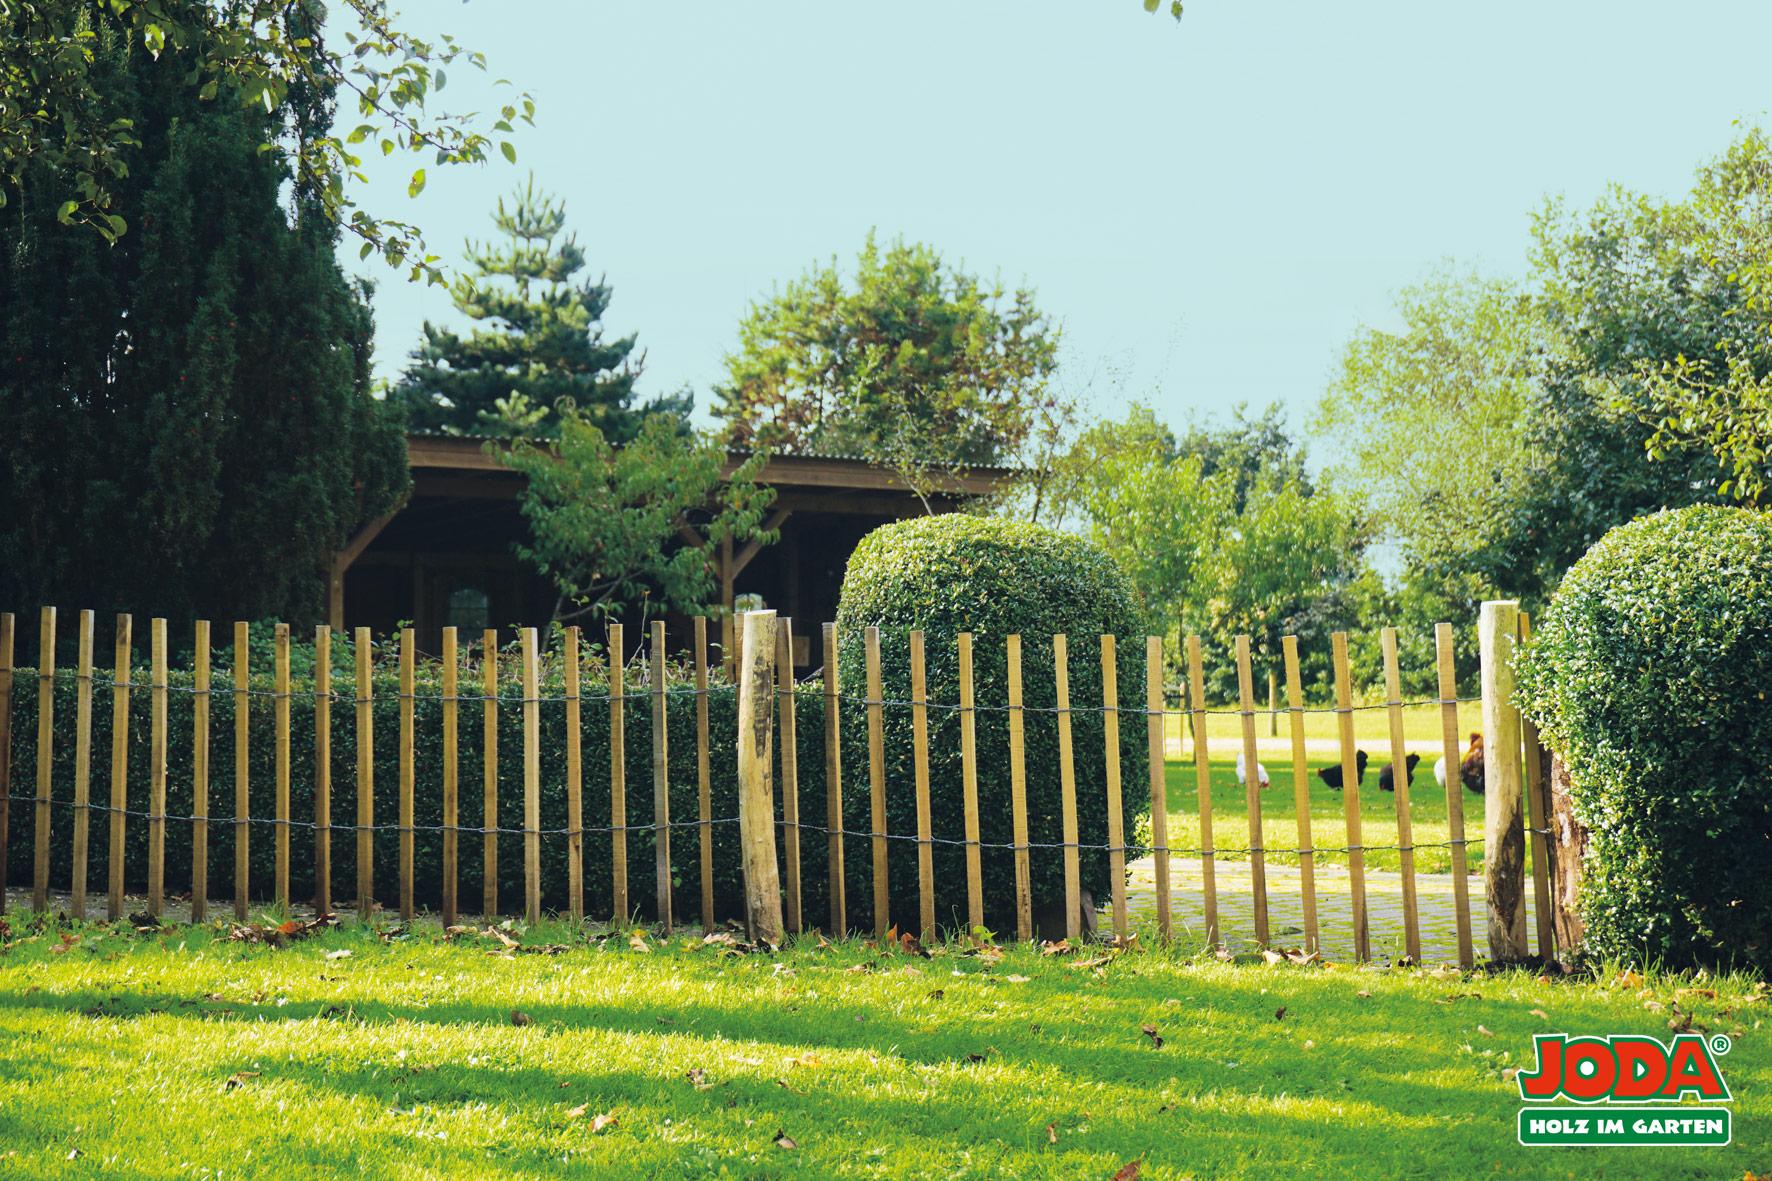 rustik rollzaun robinie abstand staketen 7 8 cm 5 0 90 1 20 1 50 m holz wohnen. Black Bedroom Furniture Sets. Home Design Ideas